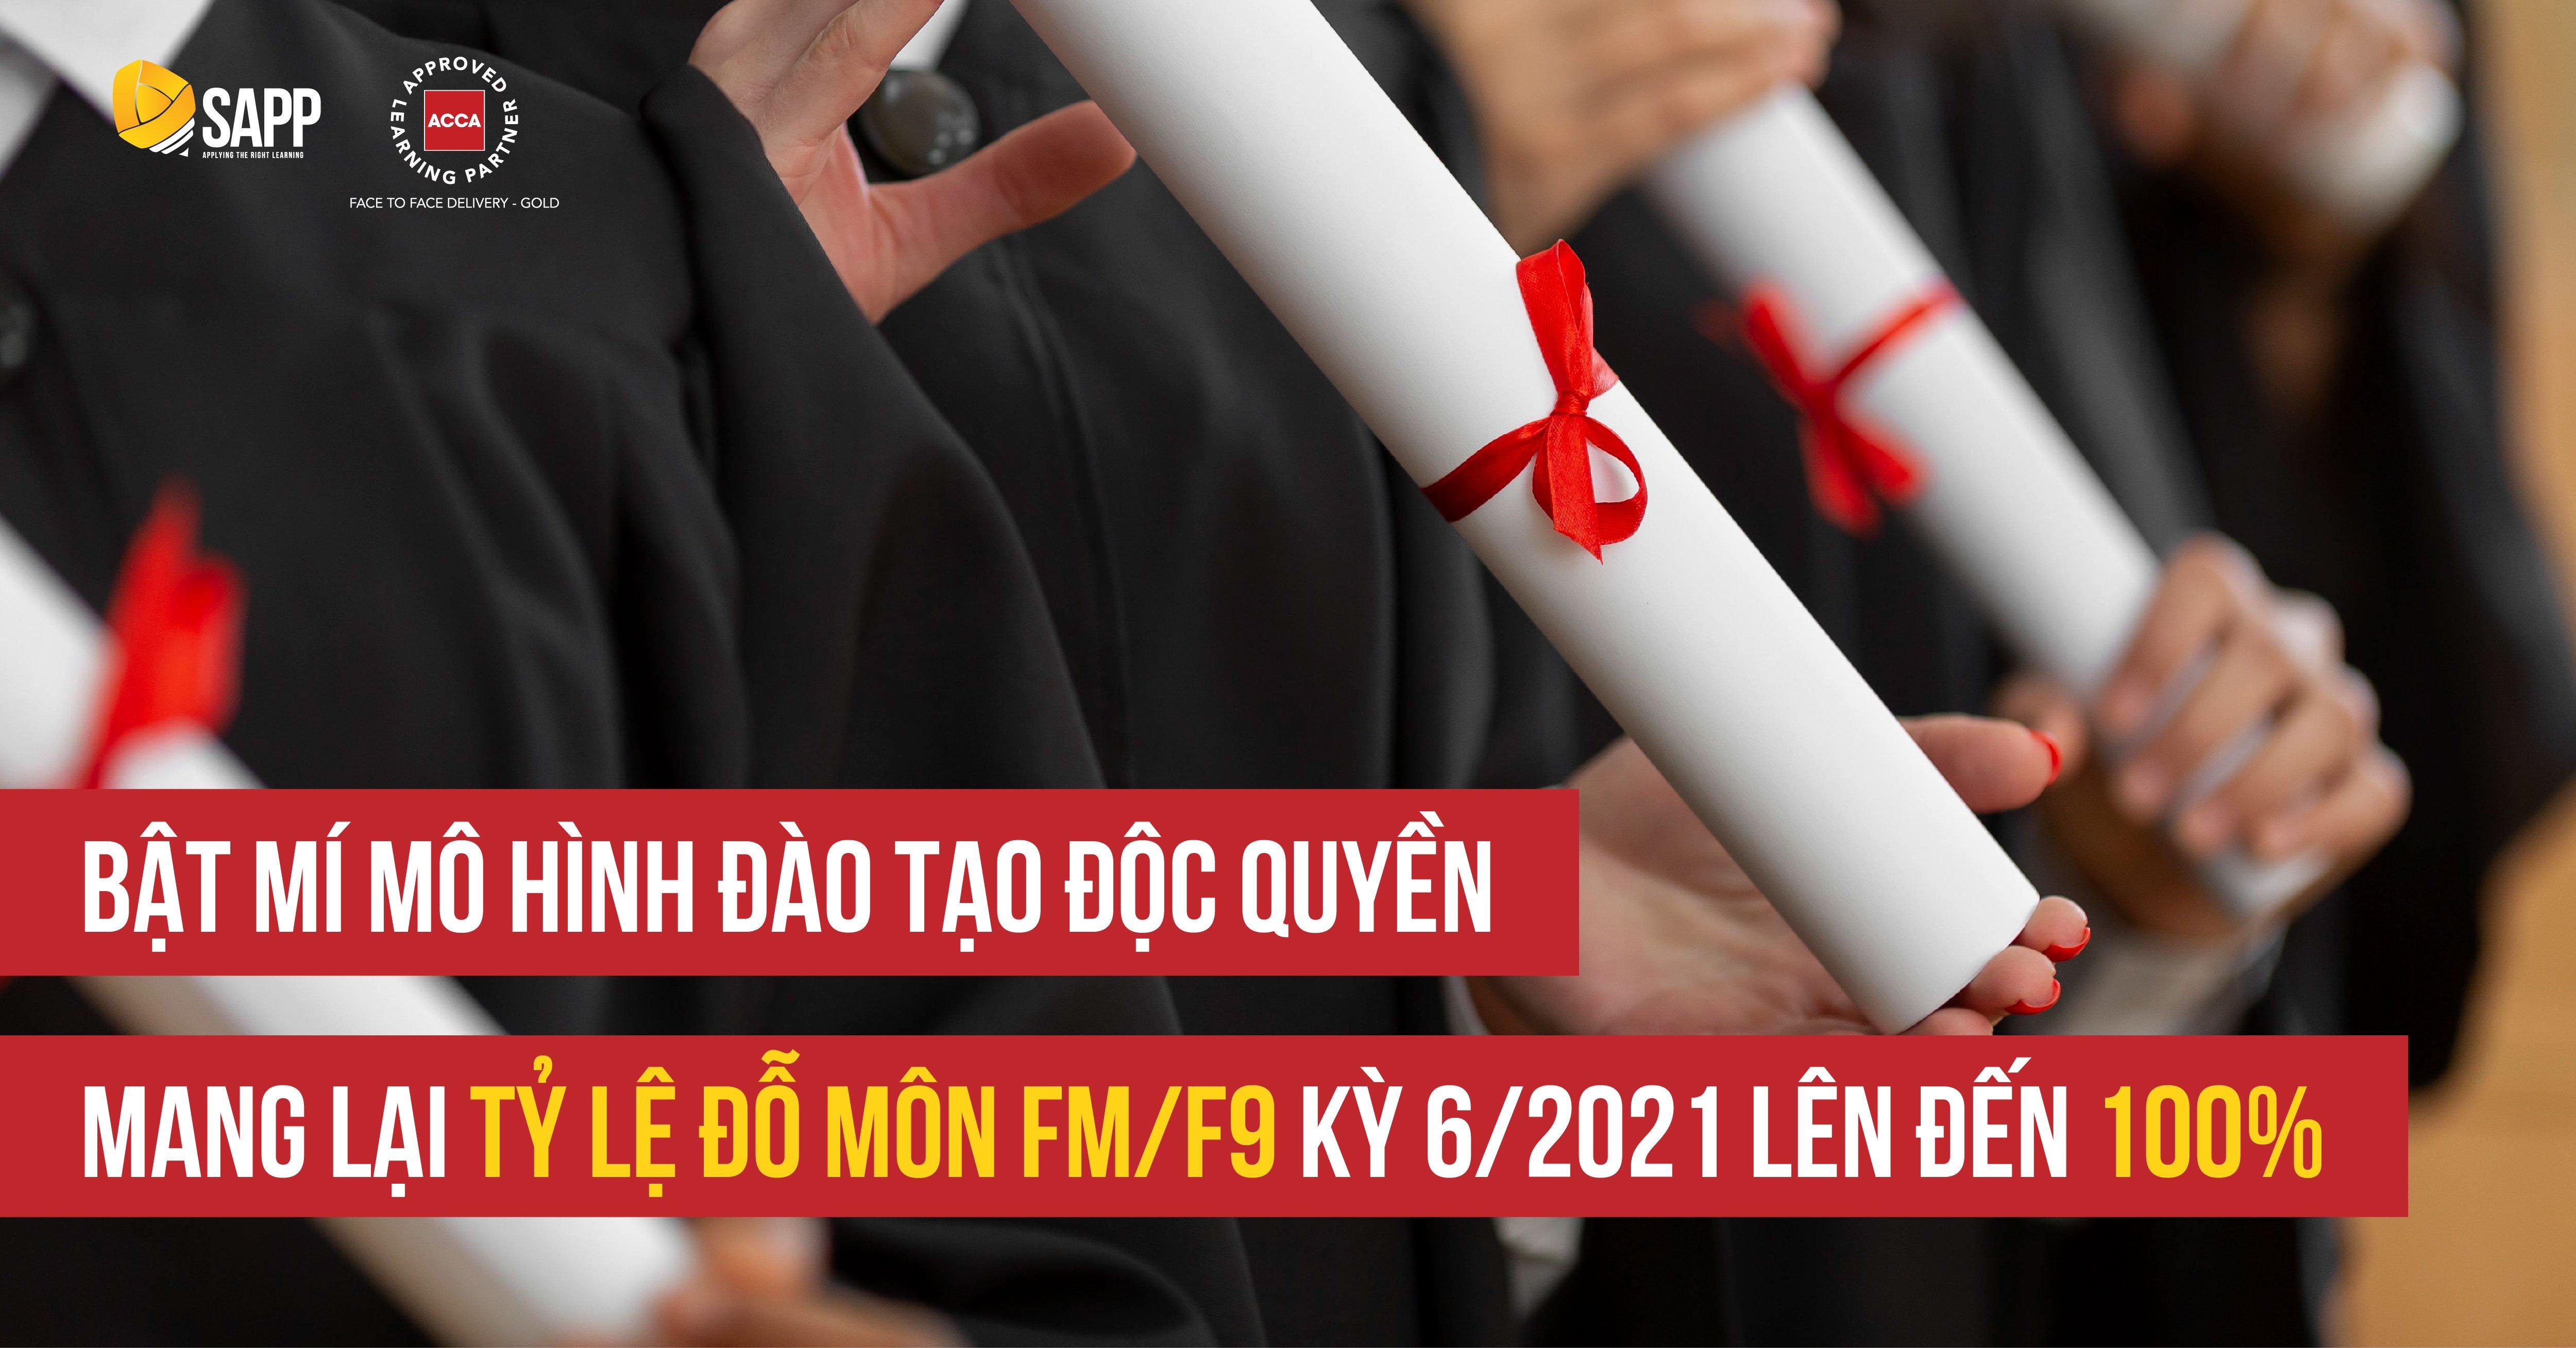 Bật Mí Mô Hình Đào Tạo Độc Quyền Mang Lại Tỷ Lệ Pass Môn FM/F9 Kỳ 6/2021 Lên Đến 100%